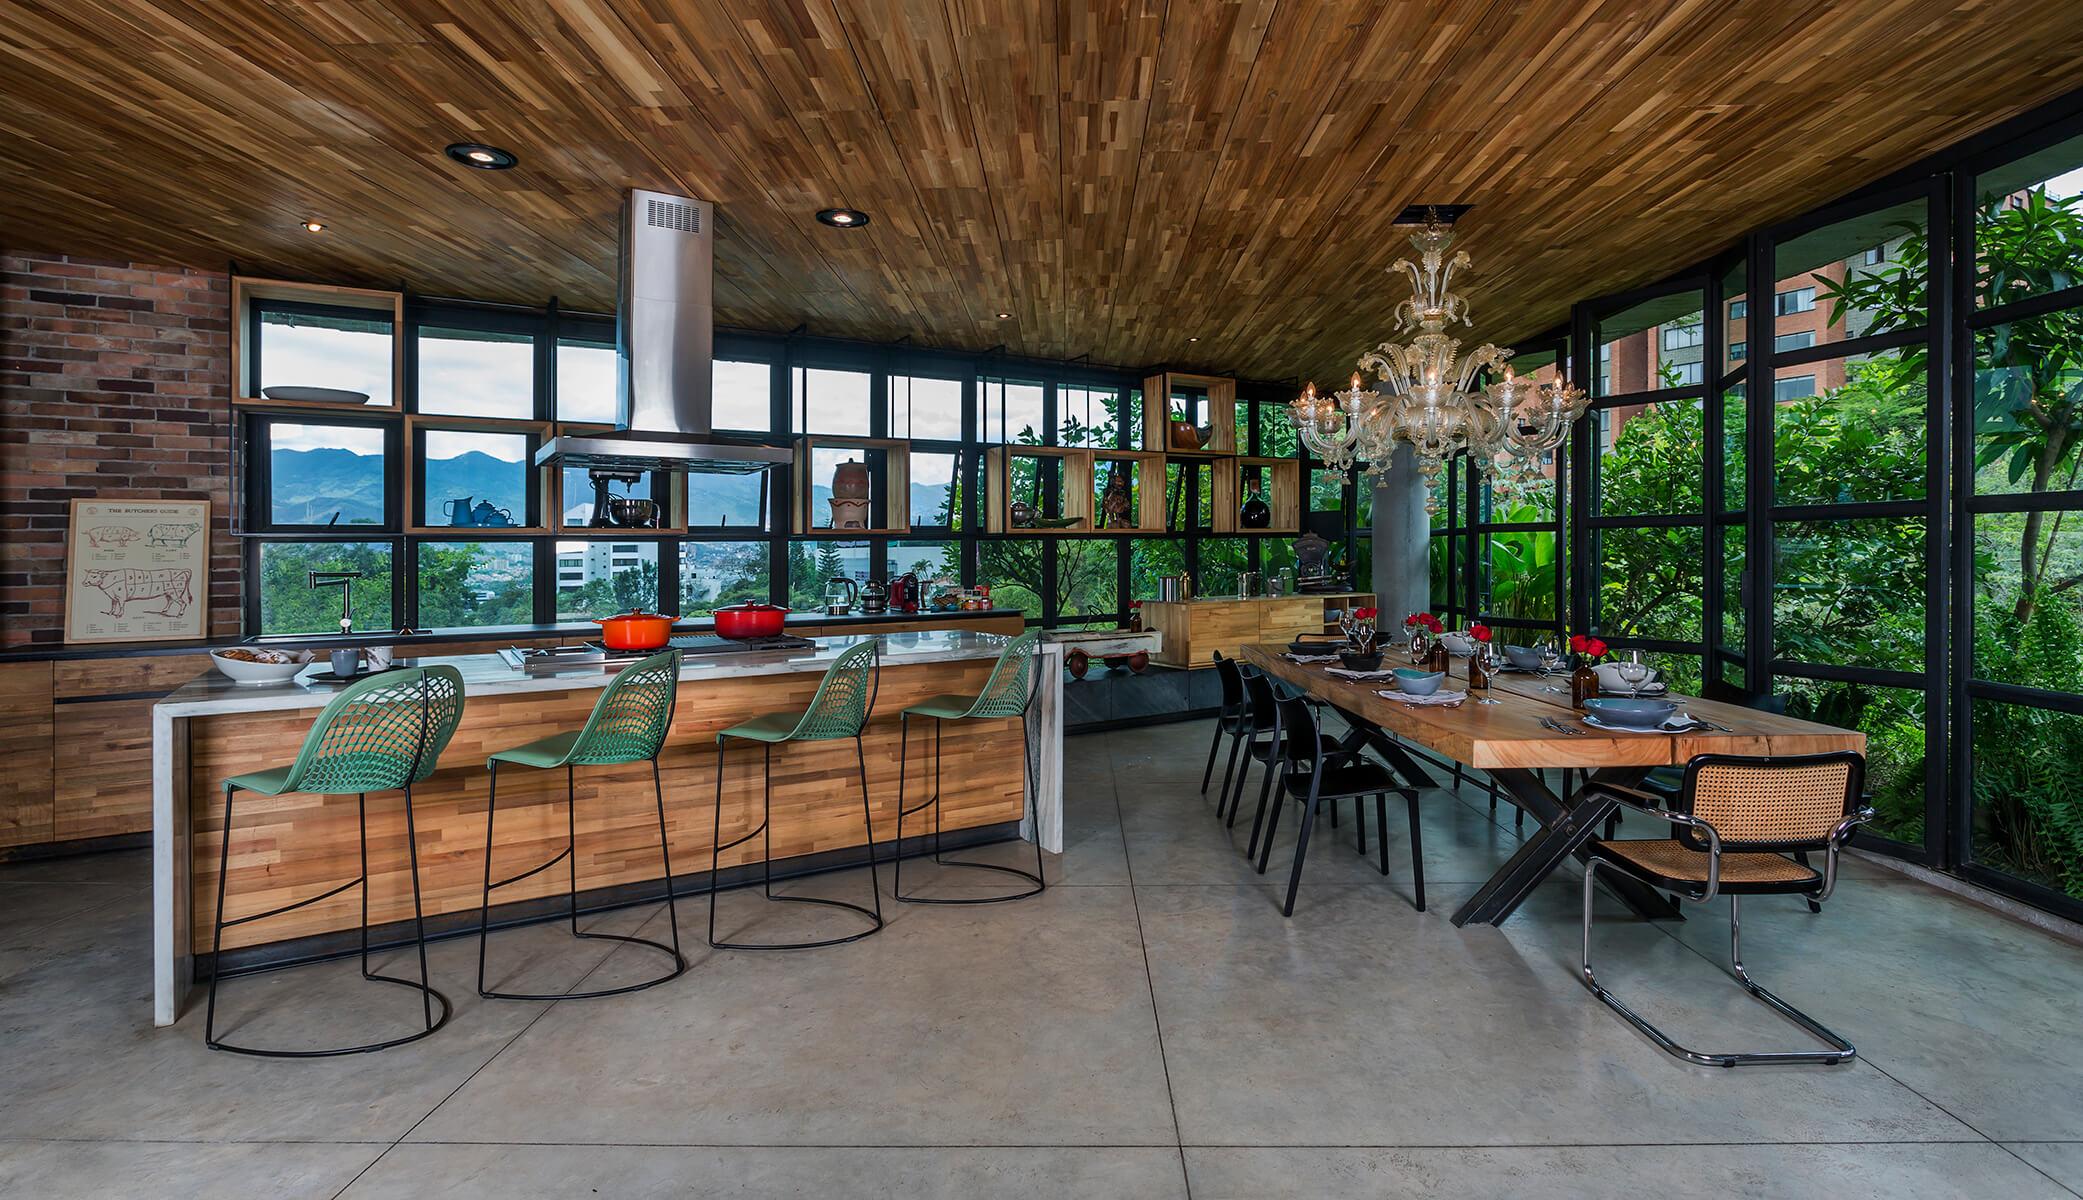 <a href='https://revistaaxxis.com.co/entre-la-cocina-y-el-jardin-la-casa-de-un-chef-en-medellin/'><h2>Entre la cocina y el jardín</h2>Pensado para un reconocido chef de Medellín, este proyectose vale del interiorismo para integrar en un solo lugar la esencia de la casa,un espacio de trabajo, un taller de cocina y una finca campestre.</a>